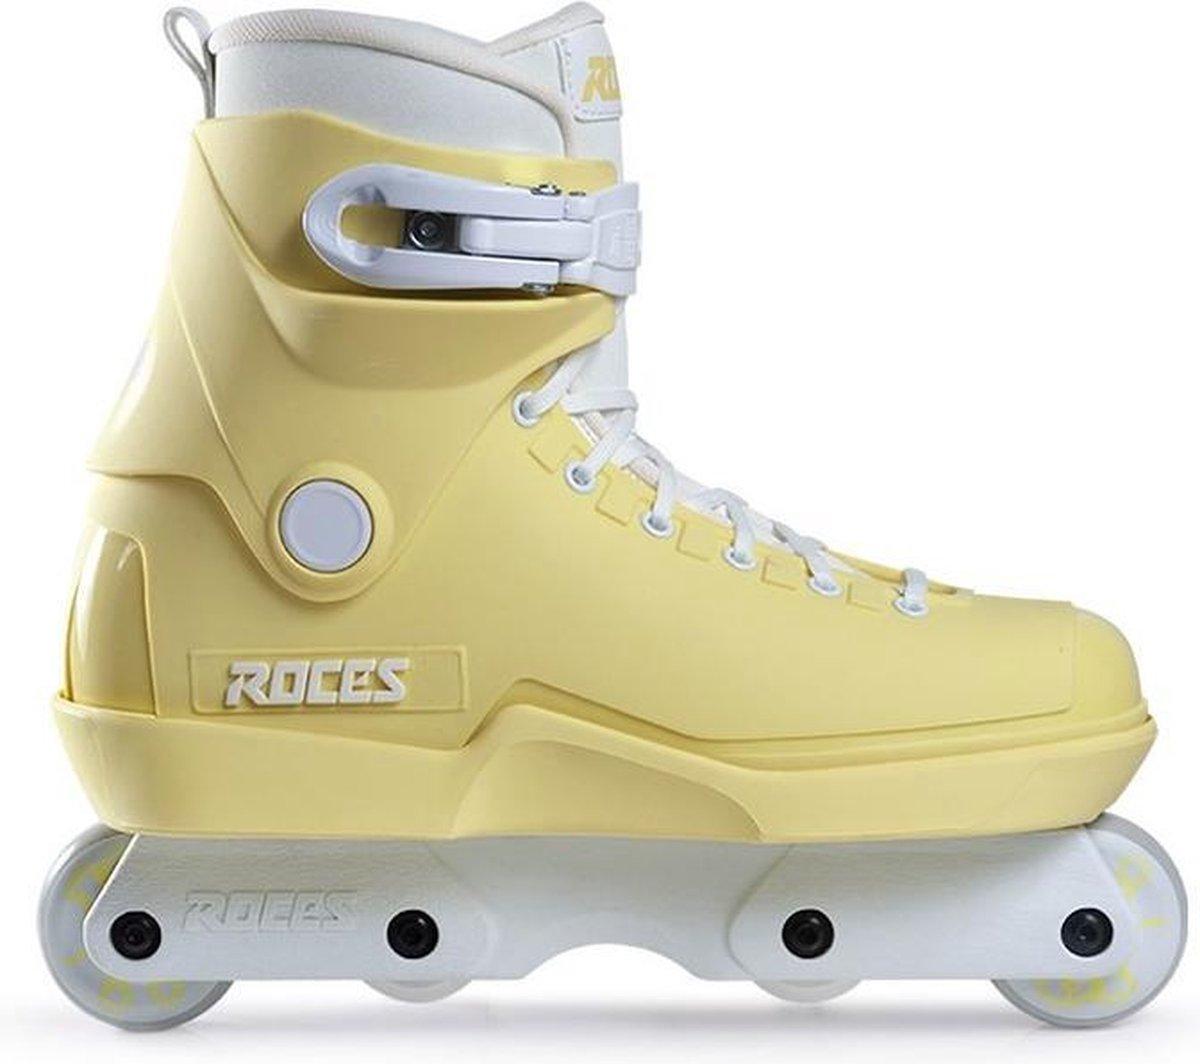 Roces M12 Lo Team Citrus Stunt Skate - 43